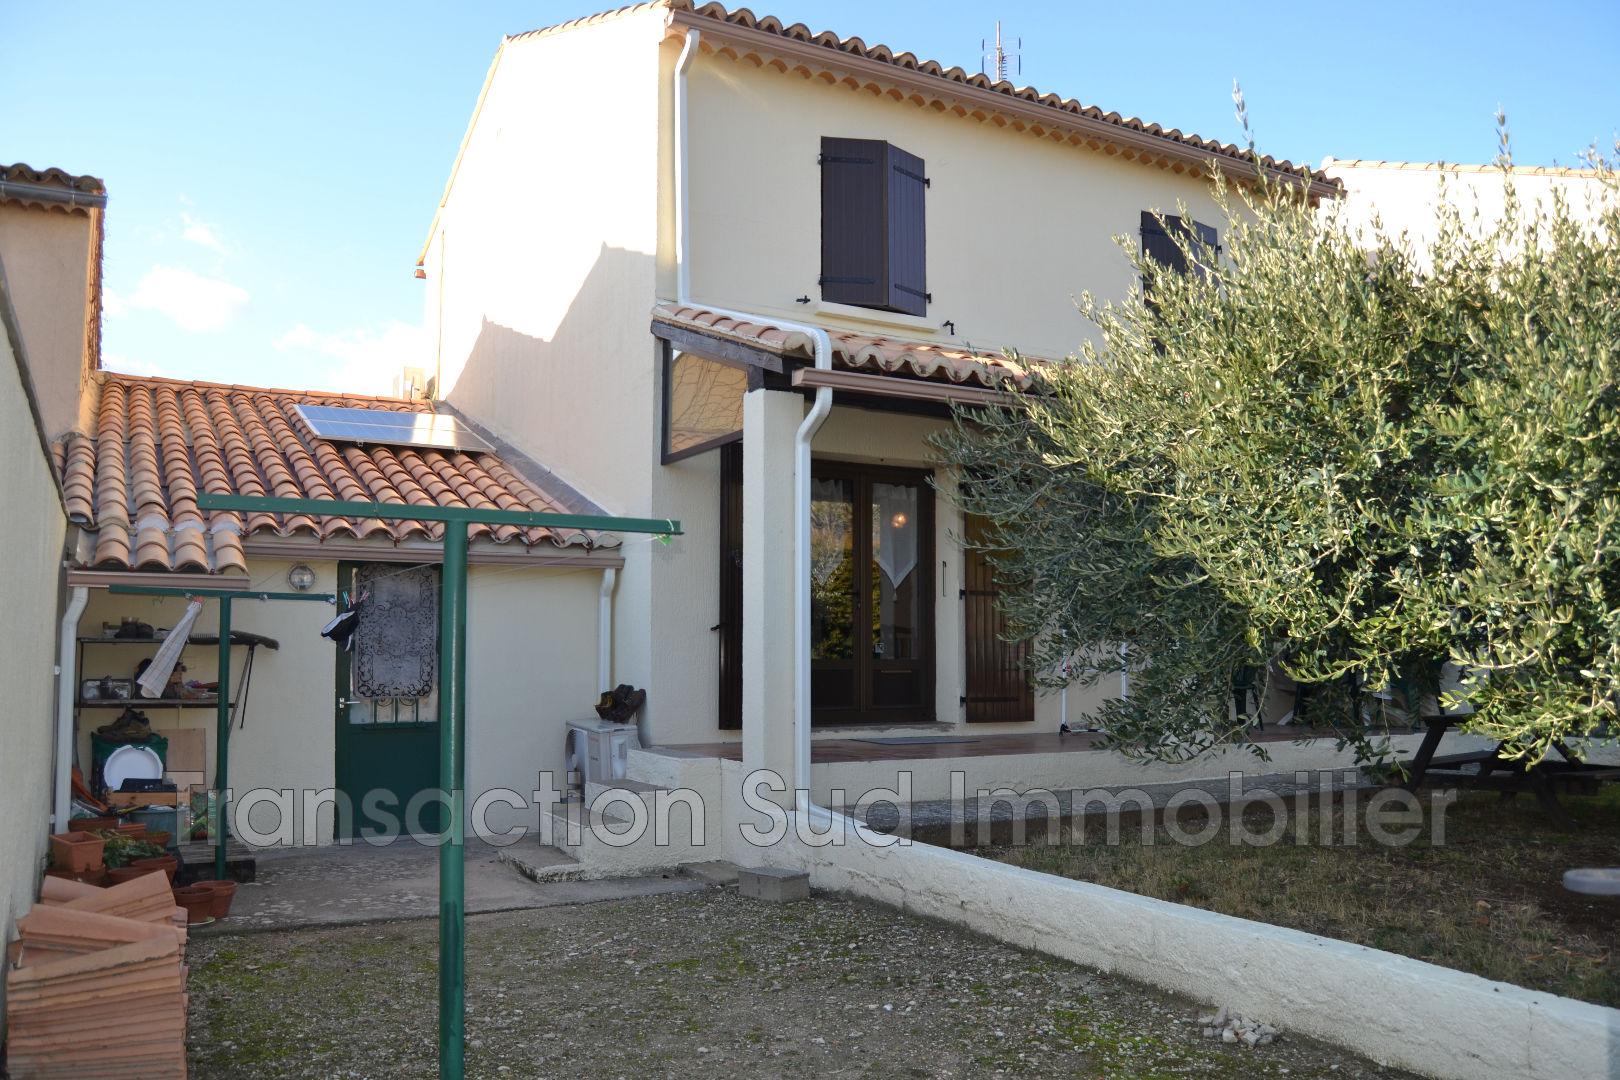 Vente maison uz s 30700 290 000 for Construction maison uzes